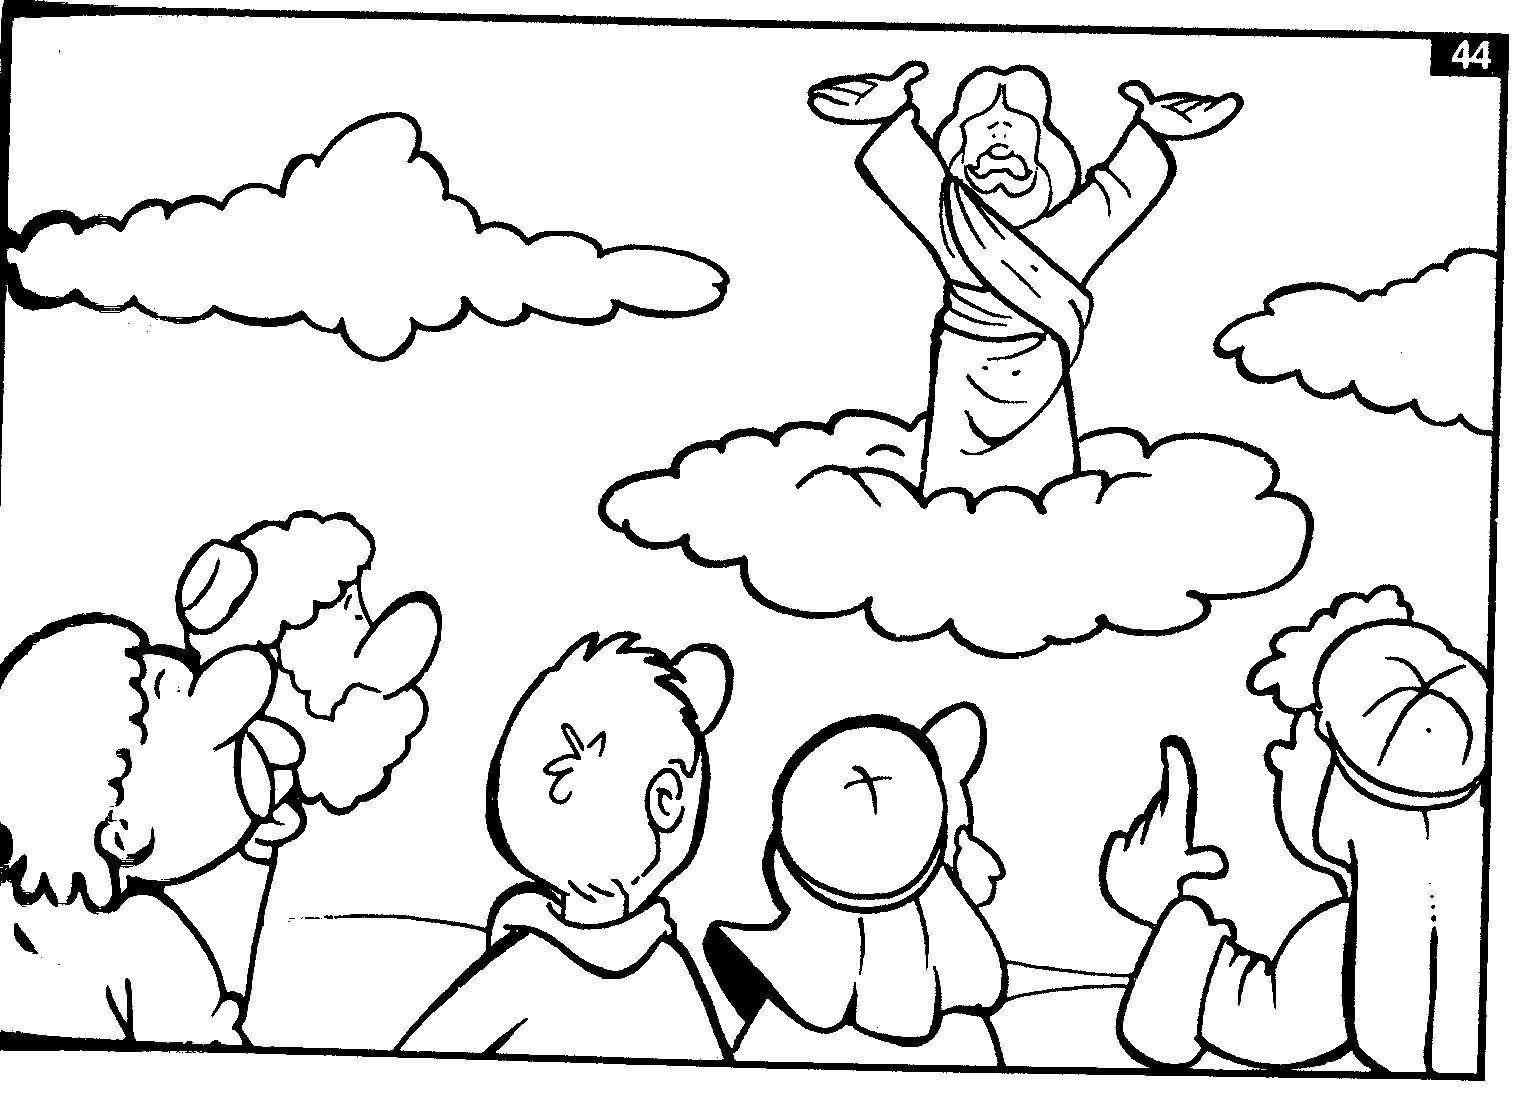 Secuencia De Ilustraciones Para Colorear La Muerte Y Resurrección De